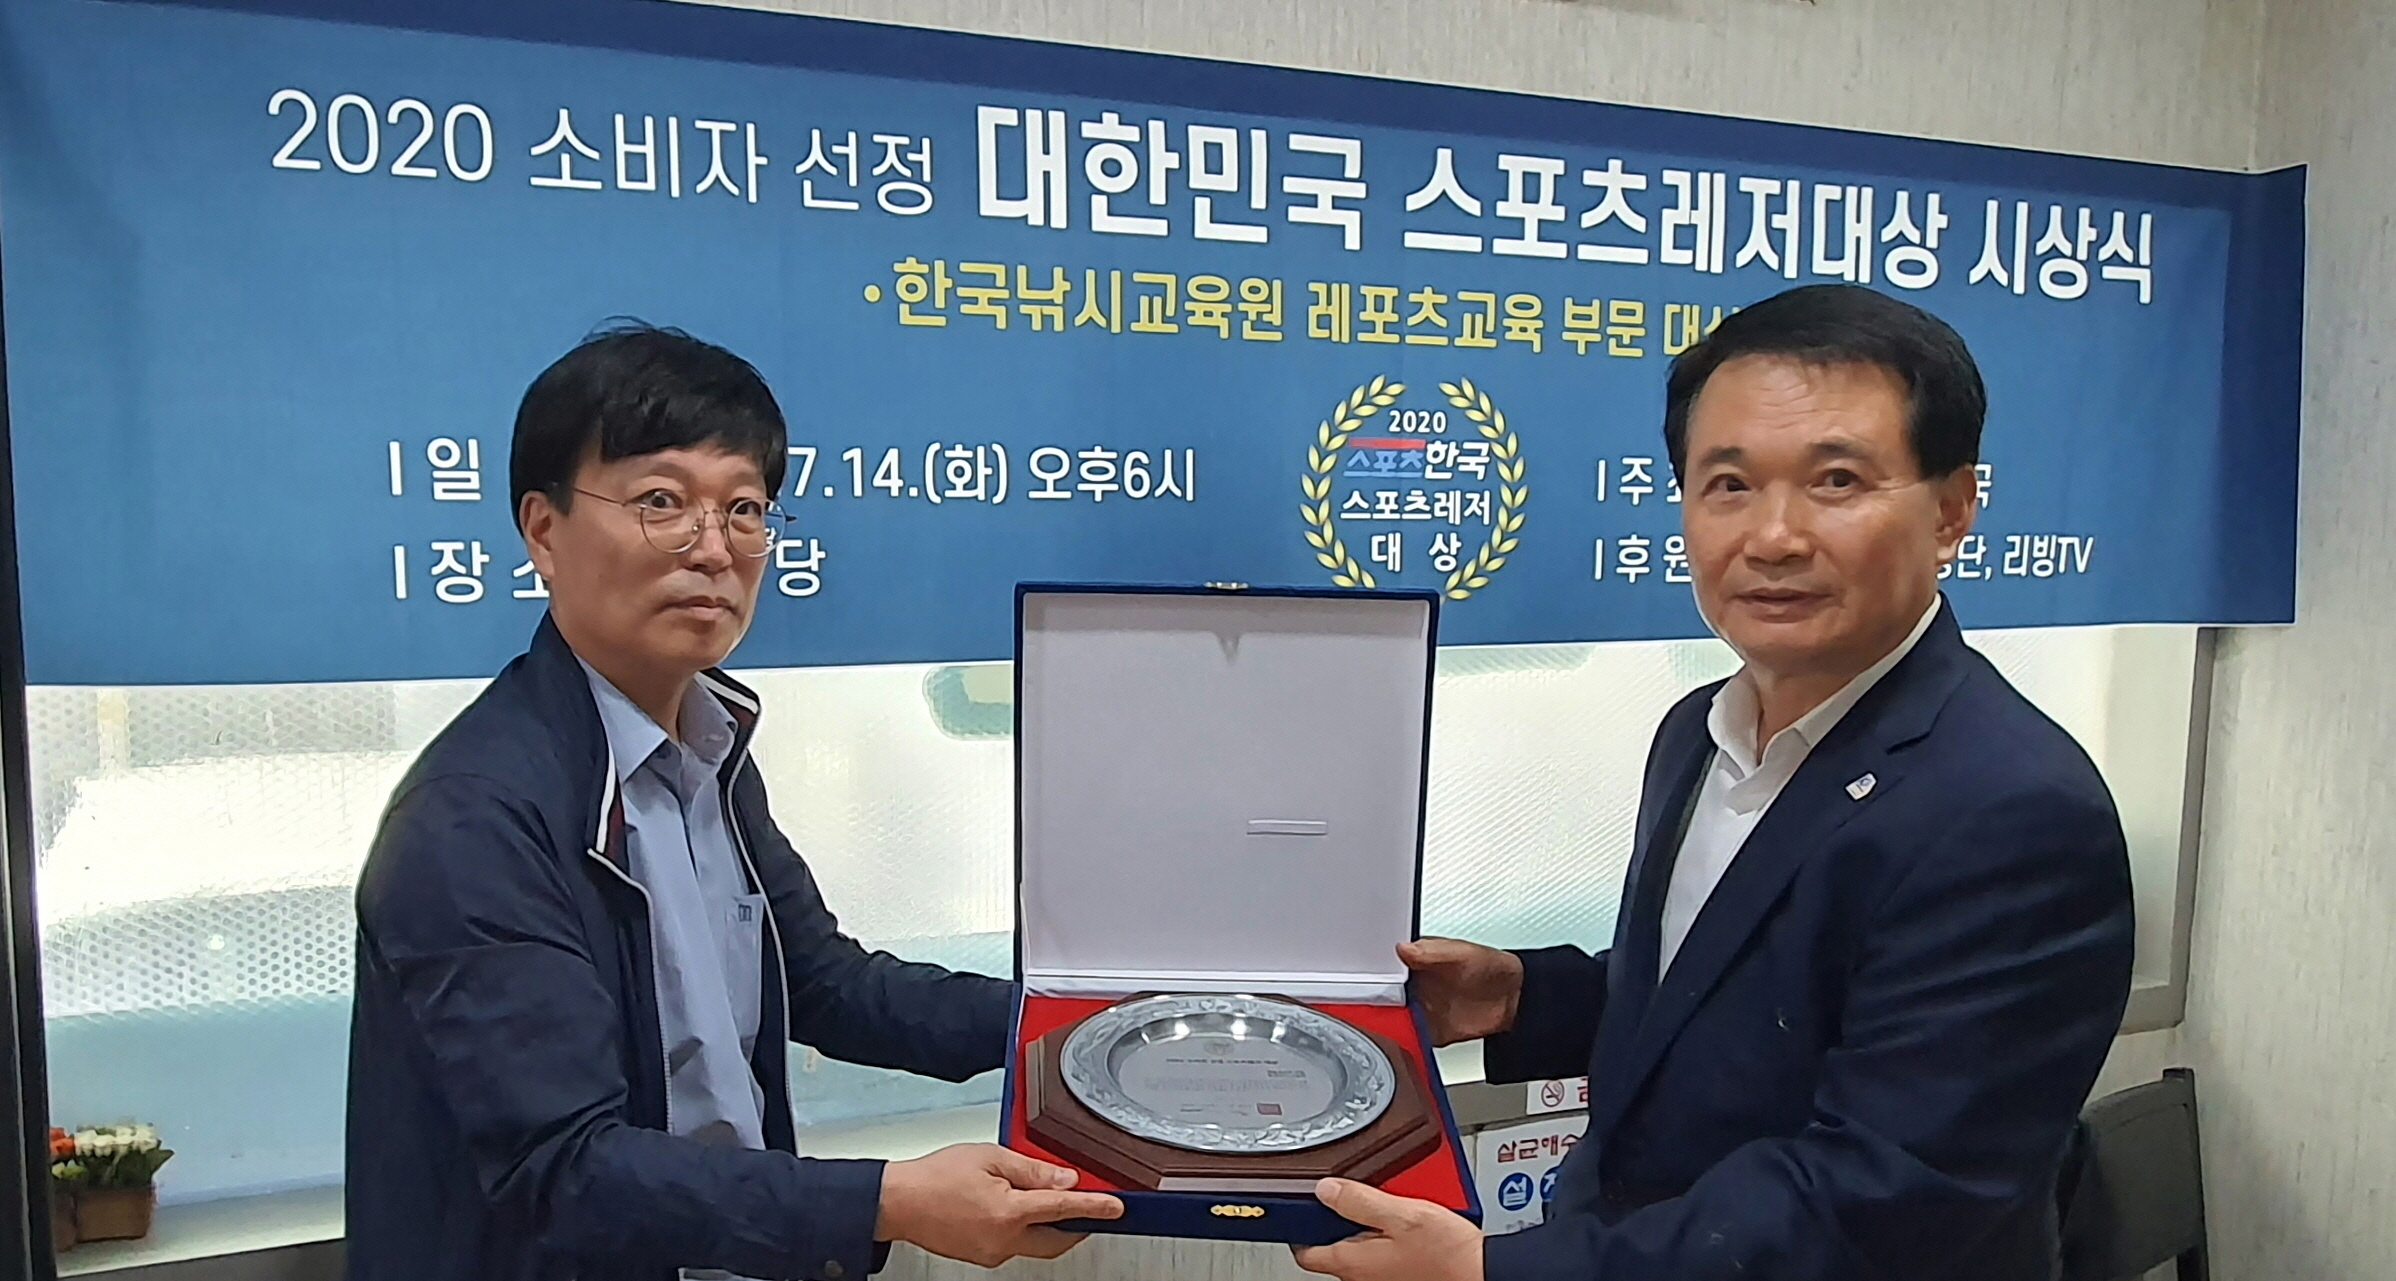 한국낚시교육원, 양질의 낚시전문 교육 인정받아 '소비자 선정 스포츠레저 대상' 수상